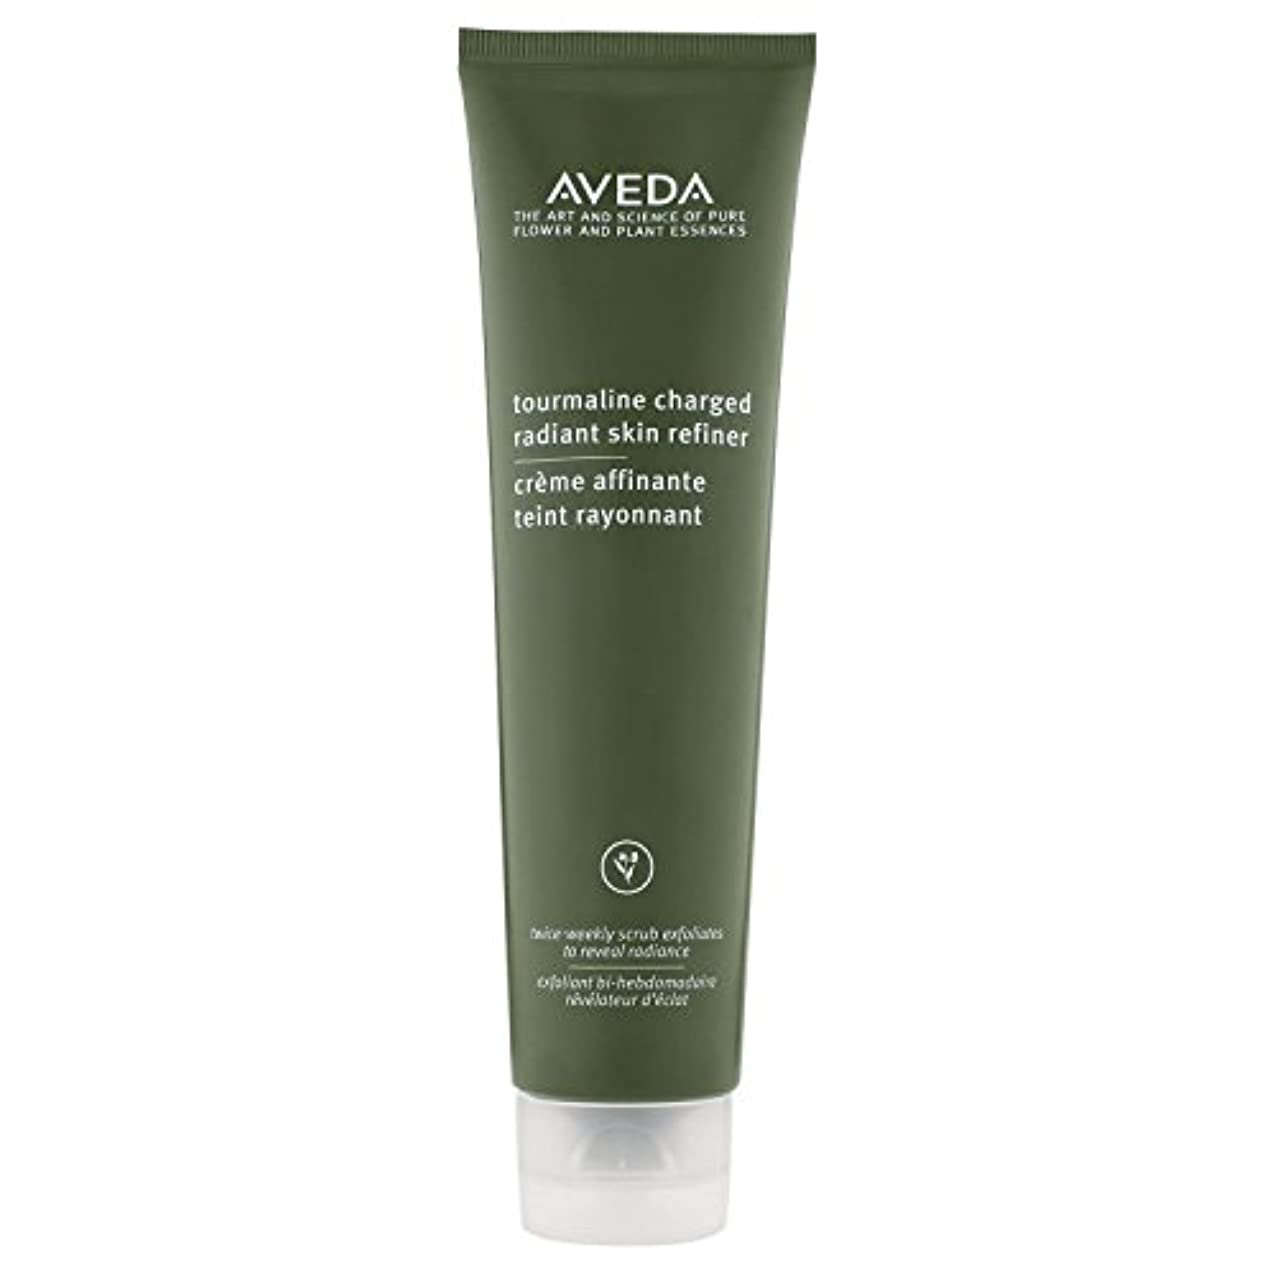 事前に宿題をする渇き[AVEDA] アヴェダ輝く肌リファイナー100ミリリットル - Aveda Radiant Skin Refiner 100ml [並行輸入品]